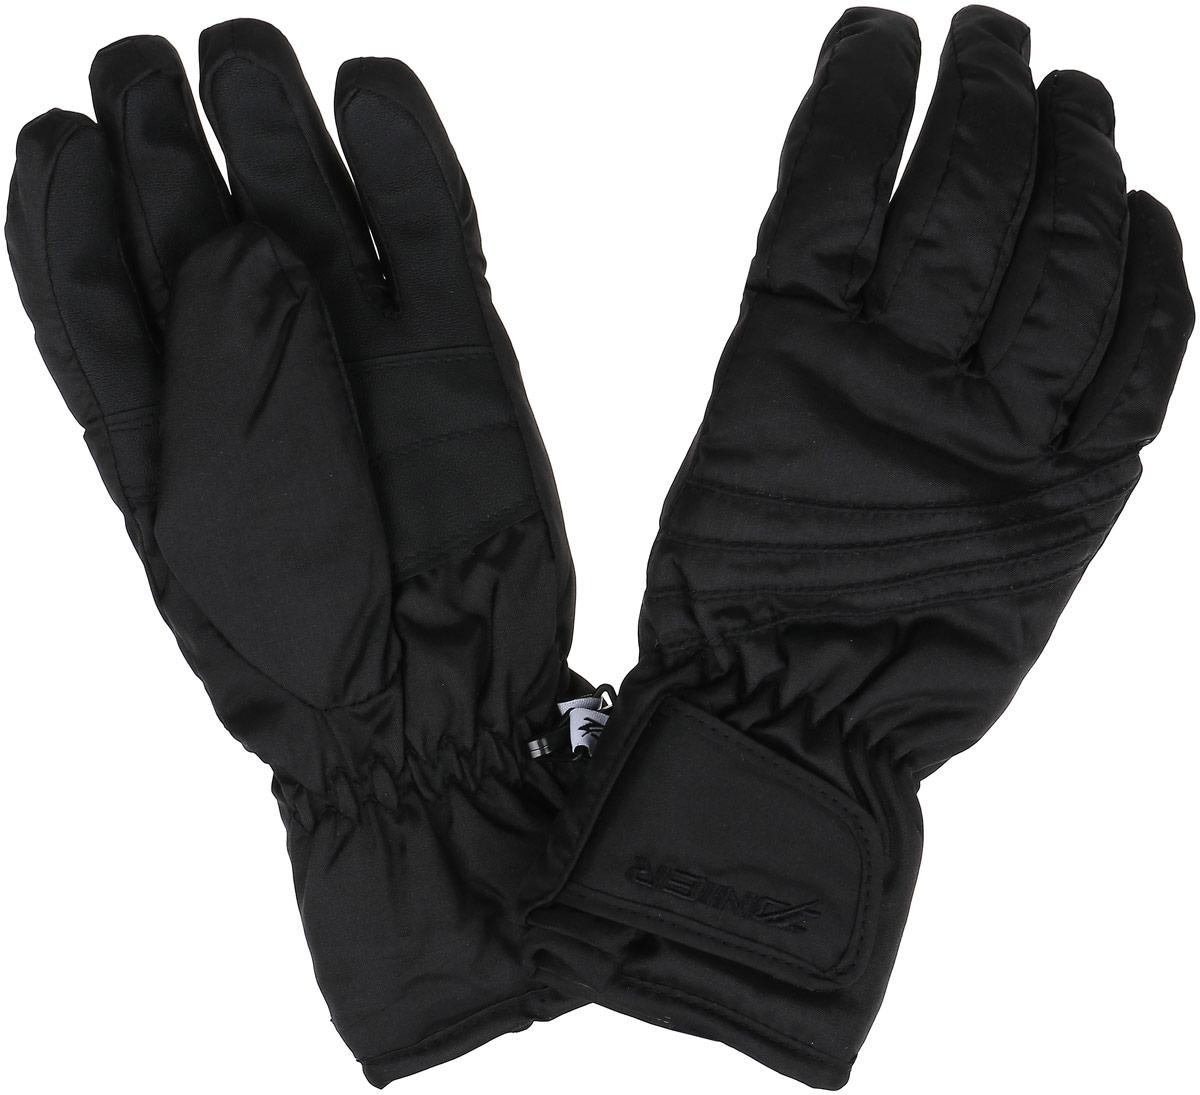 Перчатки горнолыжные женские ZANIER CHANGE DA, цвет: черный. 27010_20. Размер L27010_20Горнолыжные женские перчатки CHANGE DAПерчатки предназначены для занятий активными видами спорта и для носки в городе в холодную погоду. - Самые коммерческие перчатки- Абсолютный хит продаж на протяжении многих лет - Анатомический крой- Усиление большого пальца- Резинка по запястью- Регулировка по манжету на липучке - Мембрана обеспечивает защиту от намокания, отведение влаги и сохраняет руки сухими и теплыми во время занятий спортом Австрийская компания ZANIER производит аксессуары для активных видов спорта более 30 лет и на сегодняшний день является лидером продаж на Австрийском рынке и входит в четверку сильнейших производителей Европы. Перчатки ZANIER надежны, разработаны и протестированы в горах профессиональными спортсменами. Компания является официальным поставщиком сборной команды Австрии по сноуборду.